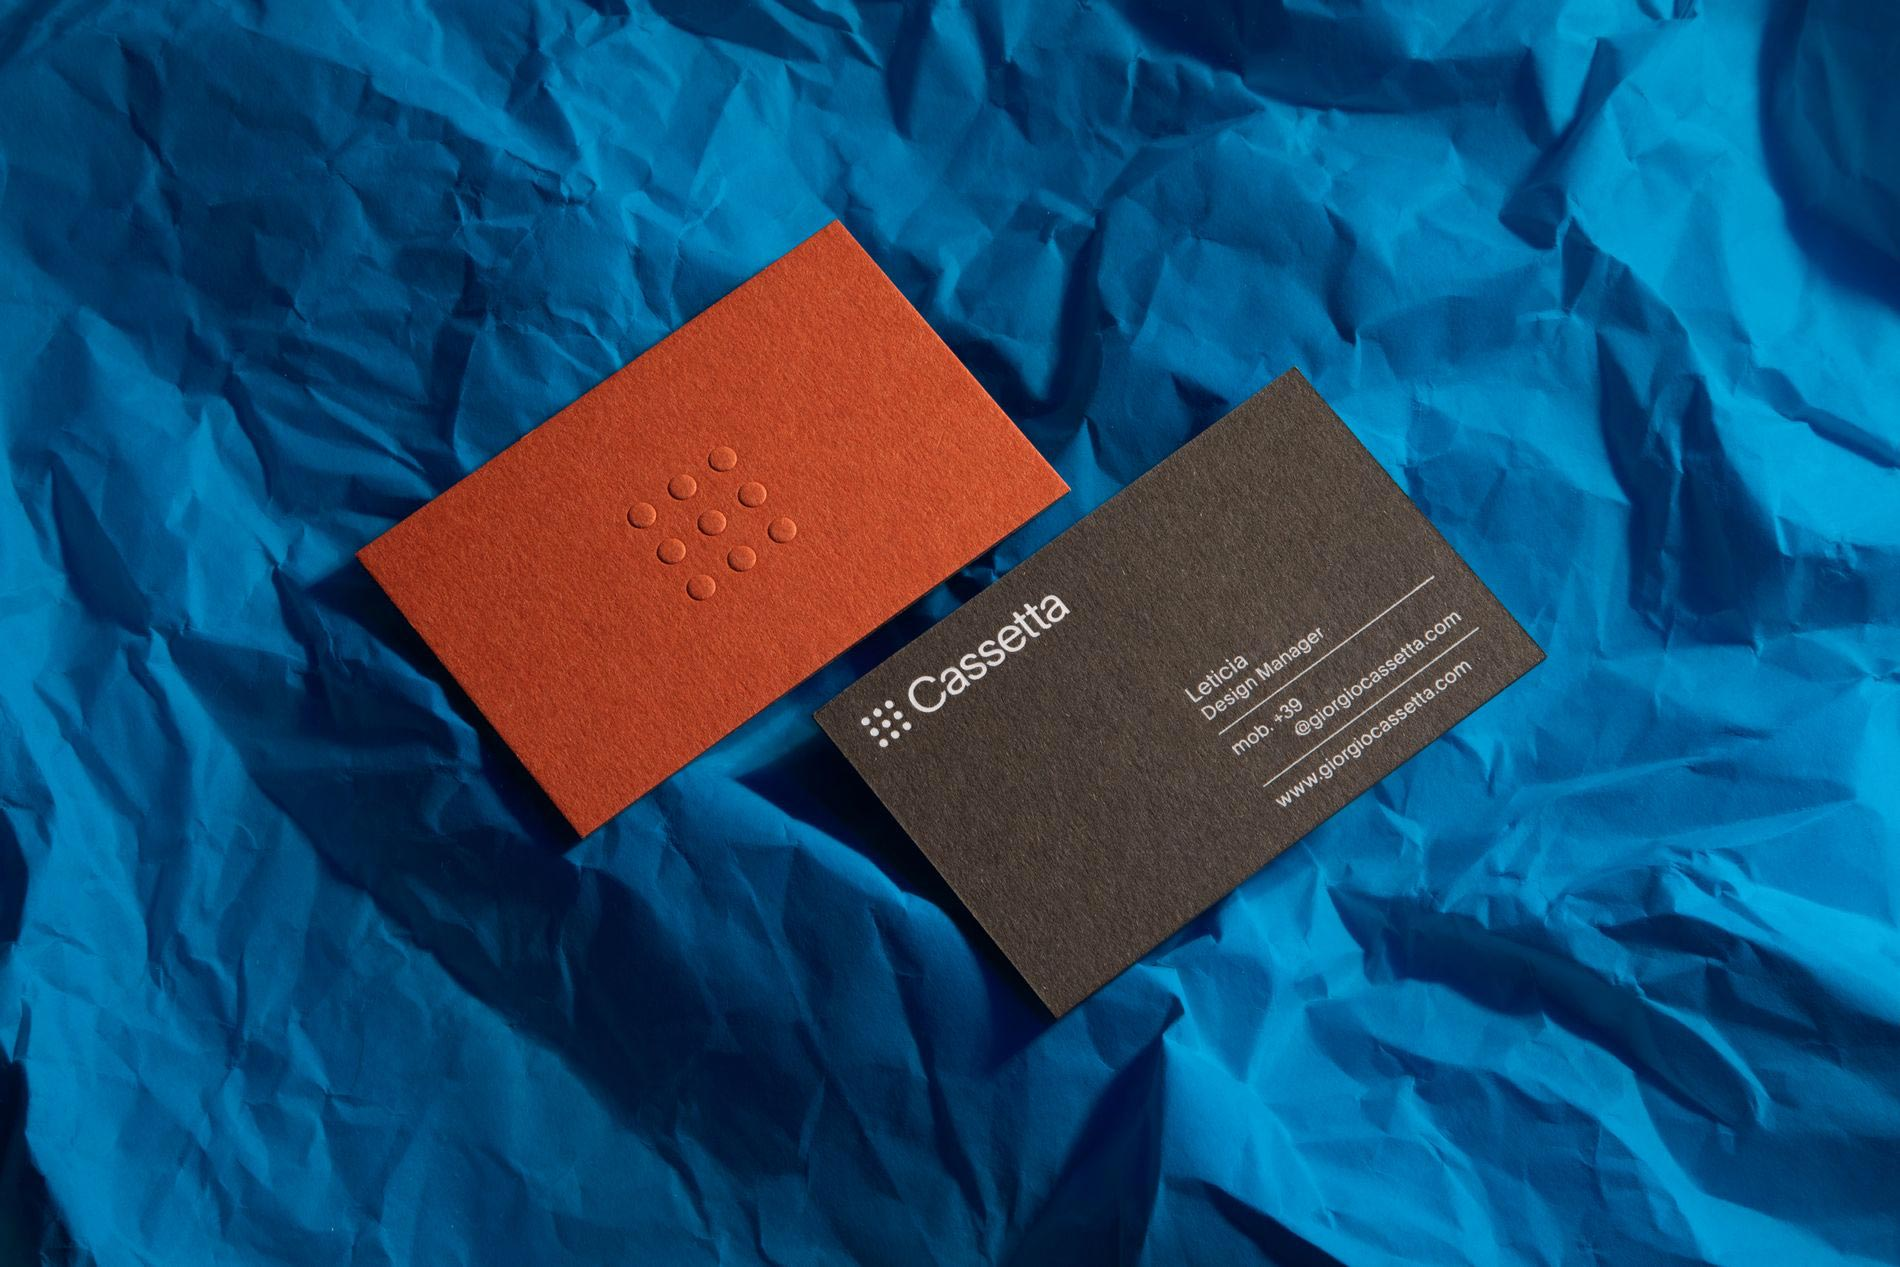 Nostroinchiostro-Giorgio-Cassetta-Design-1